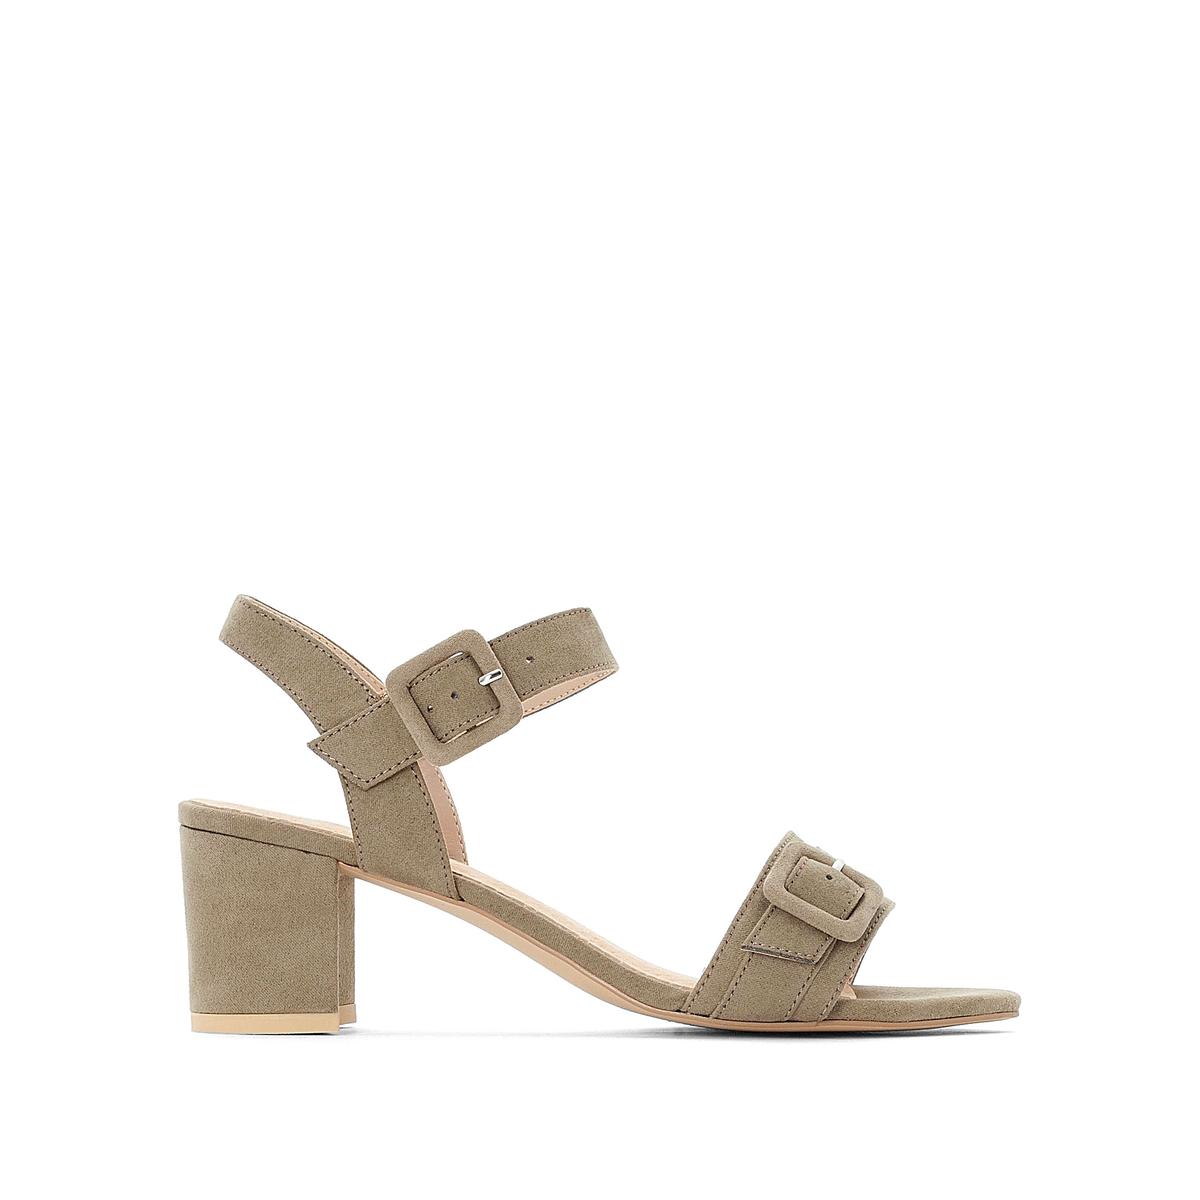 Sandalias con tacón medio